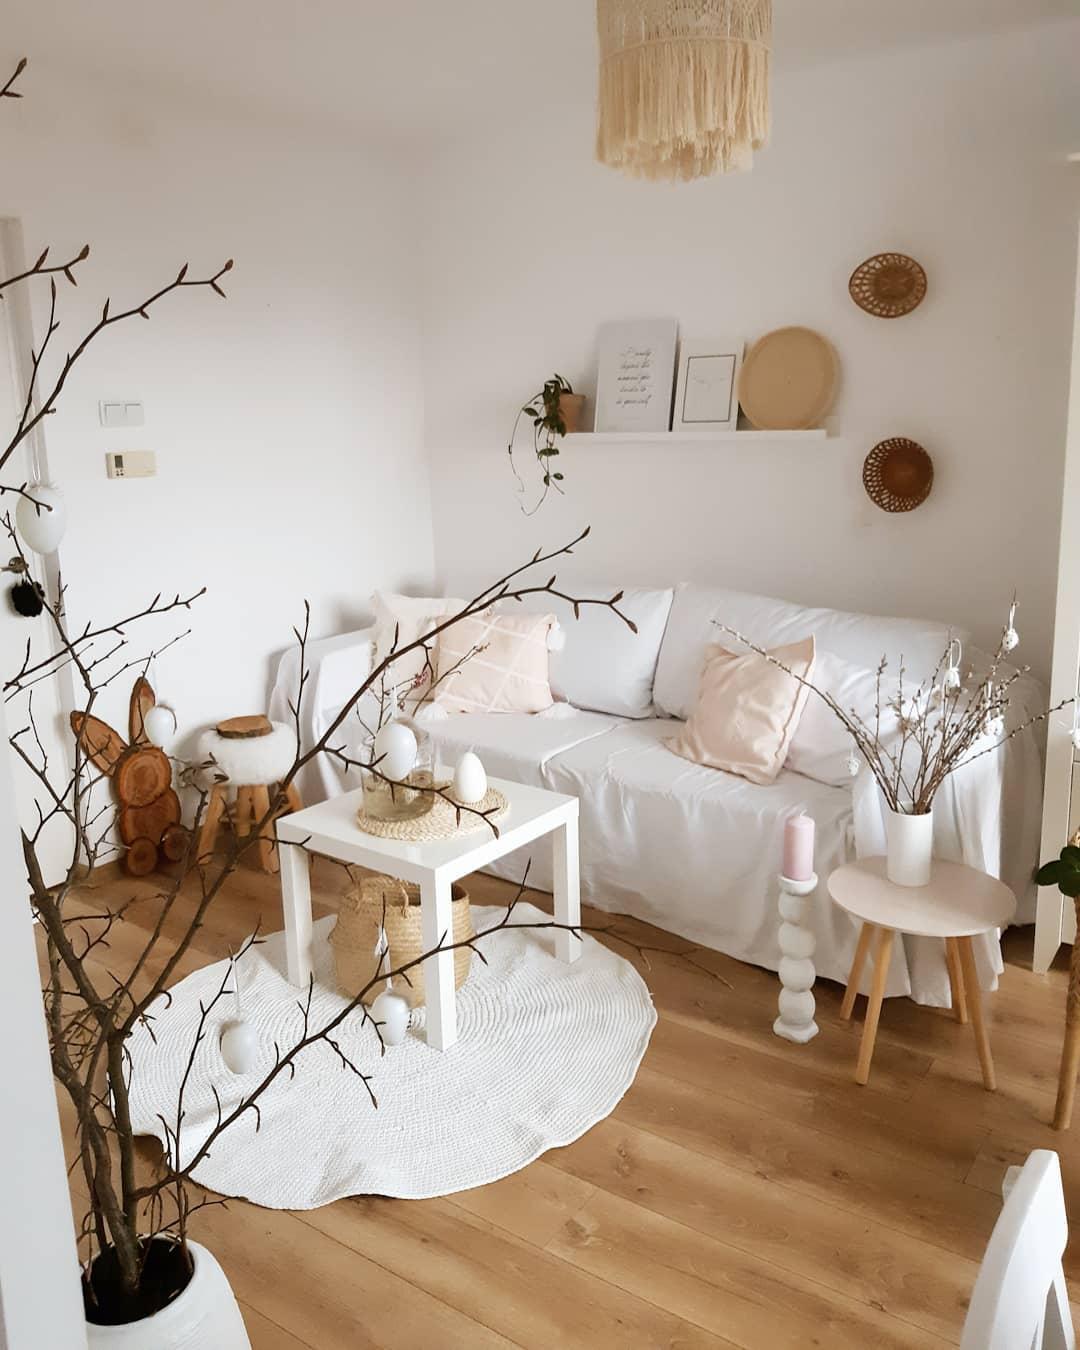 Laura Dekor appartement blanc bois vase branchage décoration hiver minimaliste